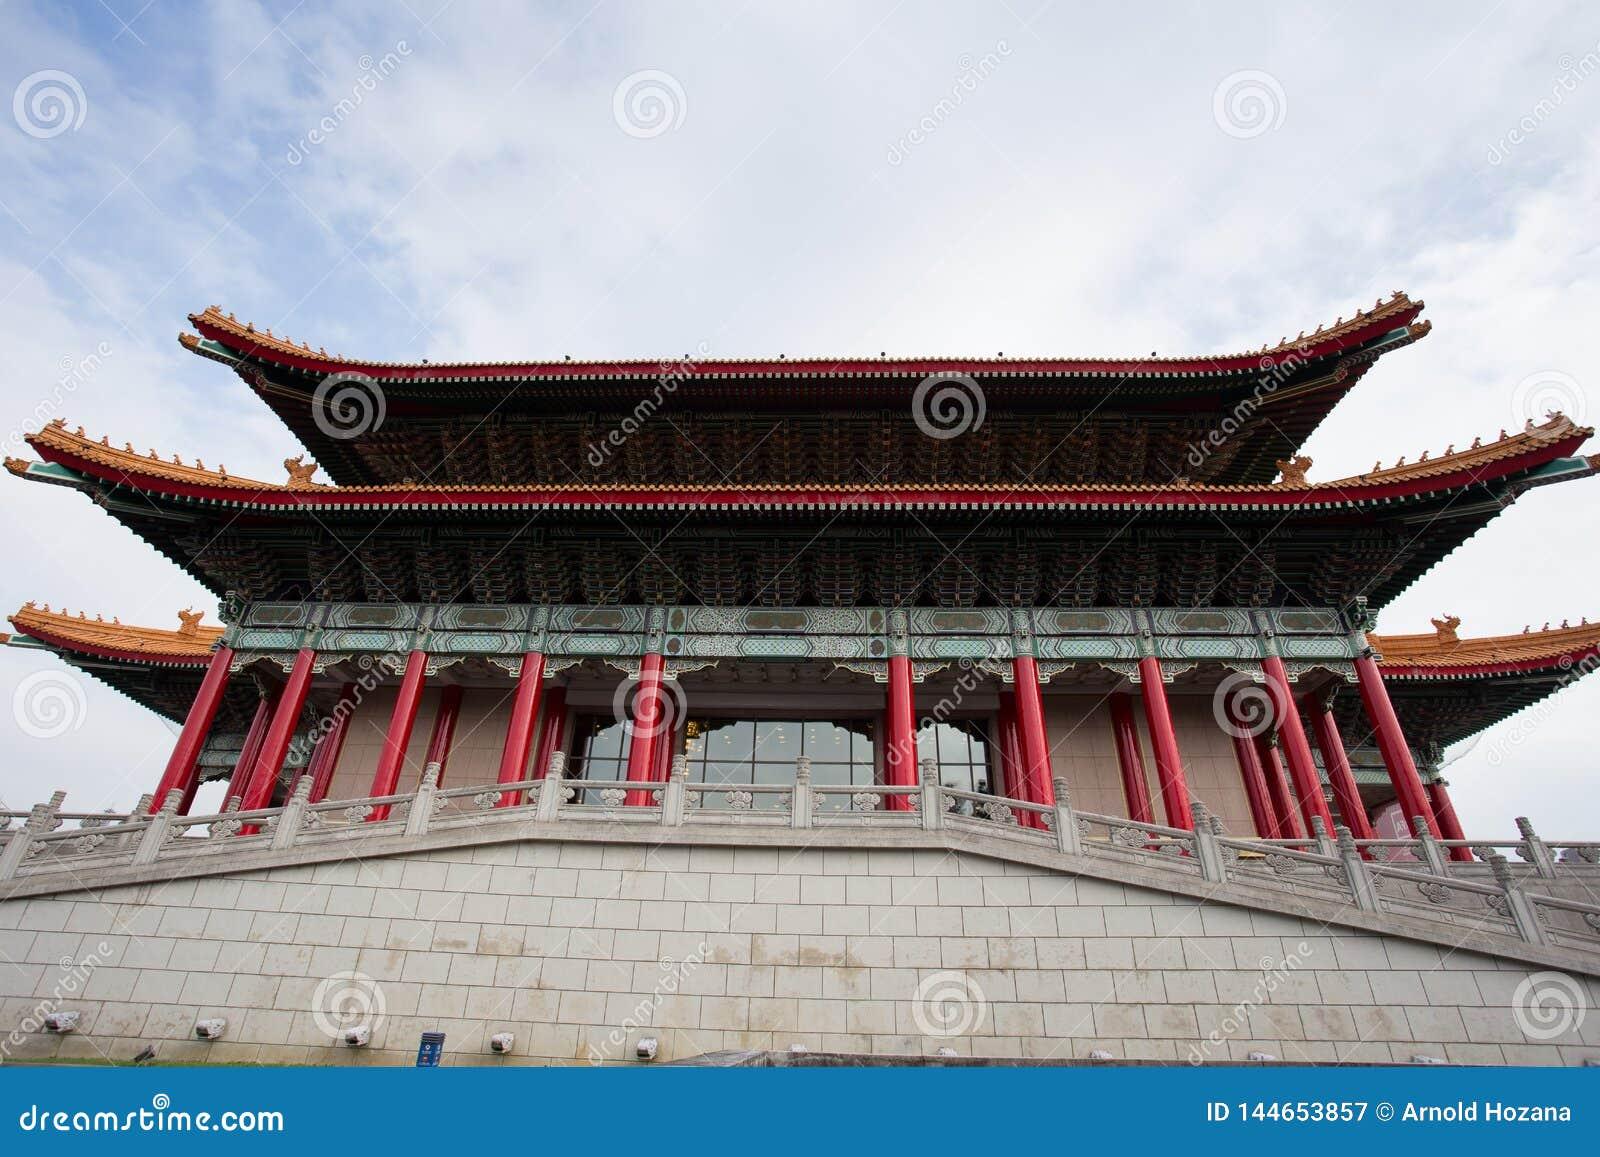 Εθνική αίθουσα συναυλιών στο αναμνηστικό πάρκο SEK Chiang Kai